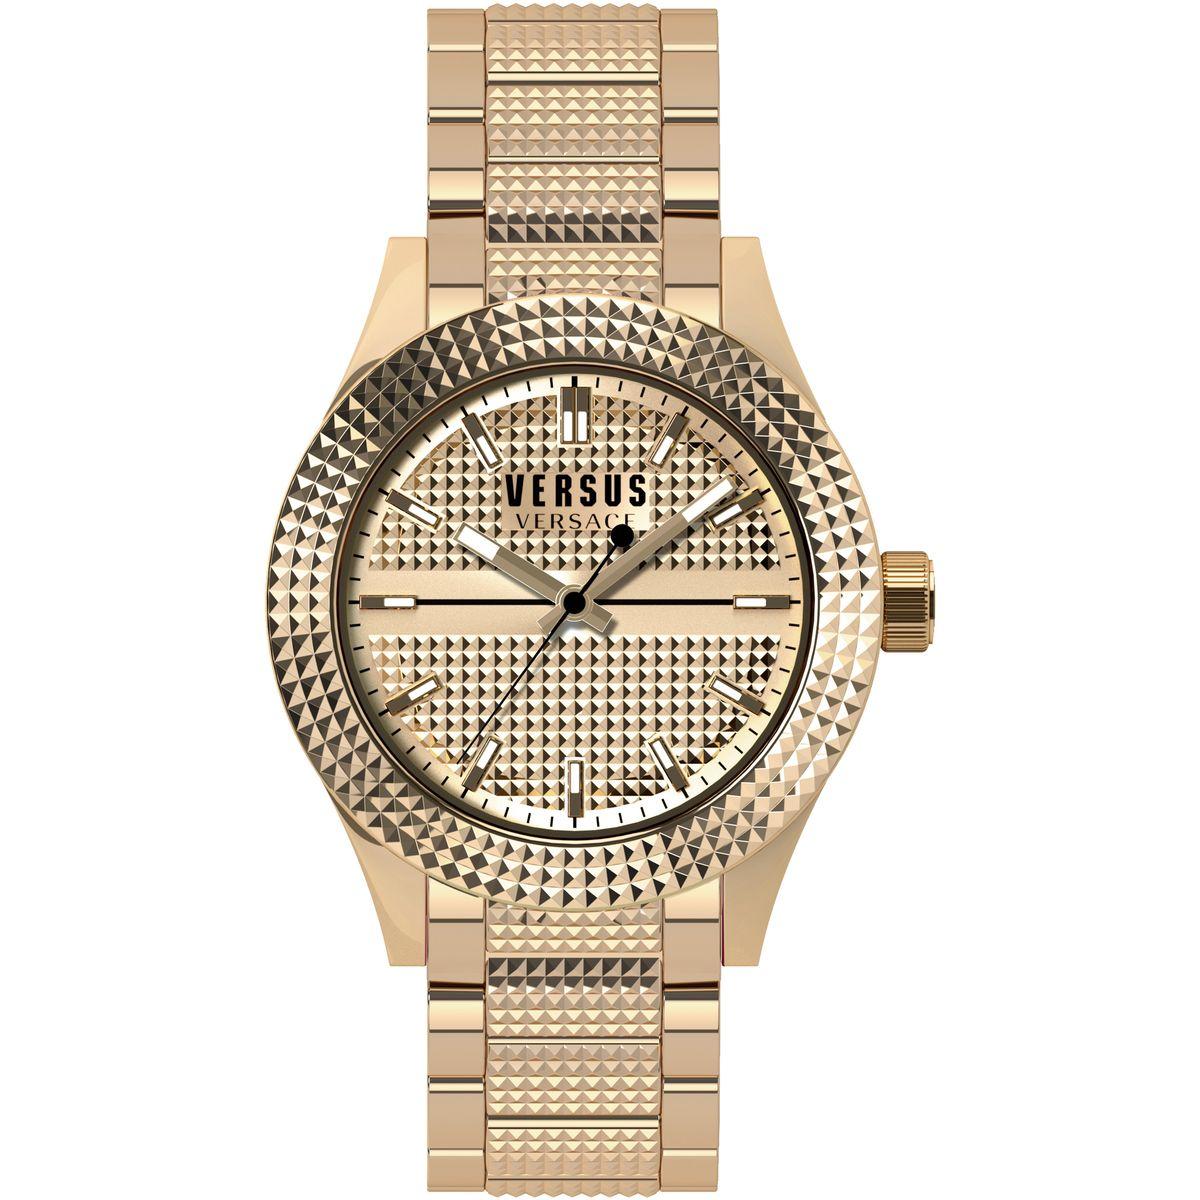 Наручные часы женские Versus Versace, цвет: золотой. SOJ100015SOJ1000154 стрелки, механизм кварцевый Citizen_2025, сталь, IP Gold покрытие, диаметр циферблата 38 мм, браслет из стали, застежка из стали, стекло минеральное, водонепроницаемость - 3 АТМ